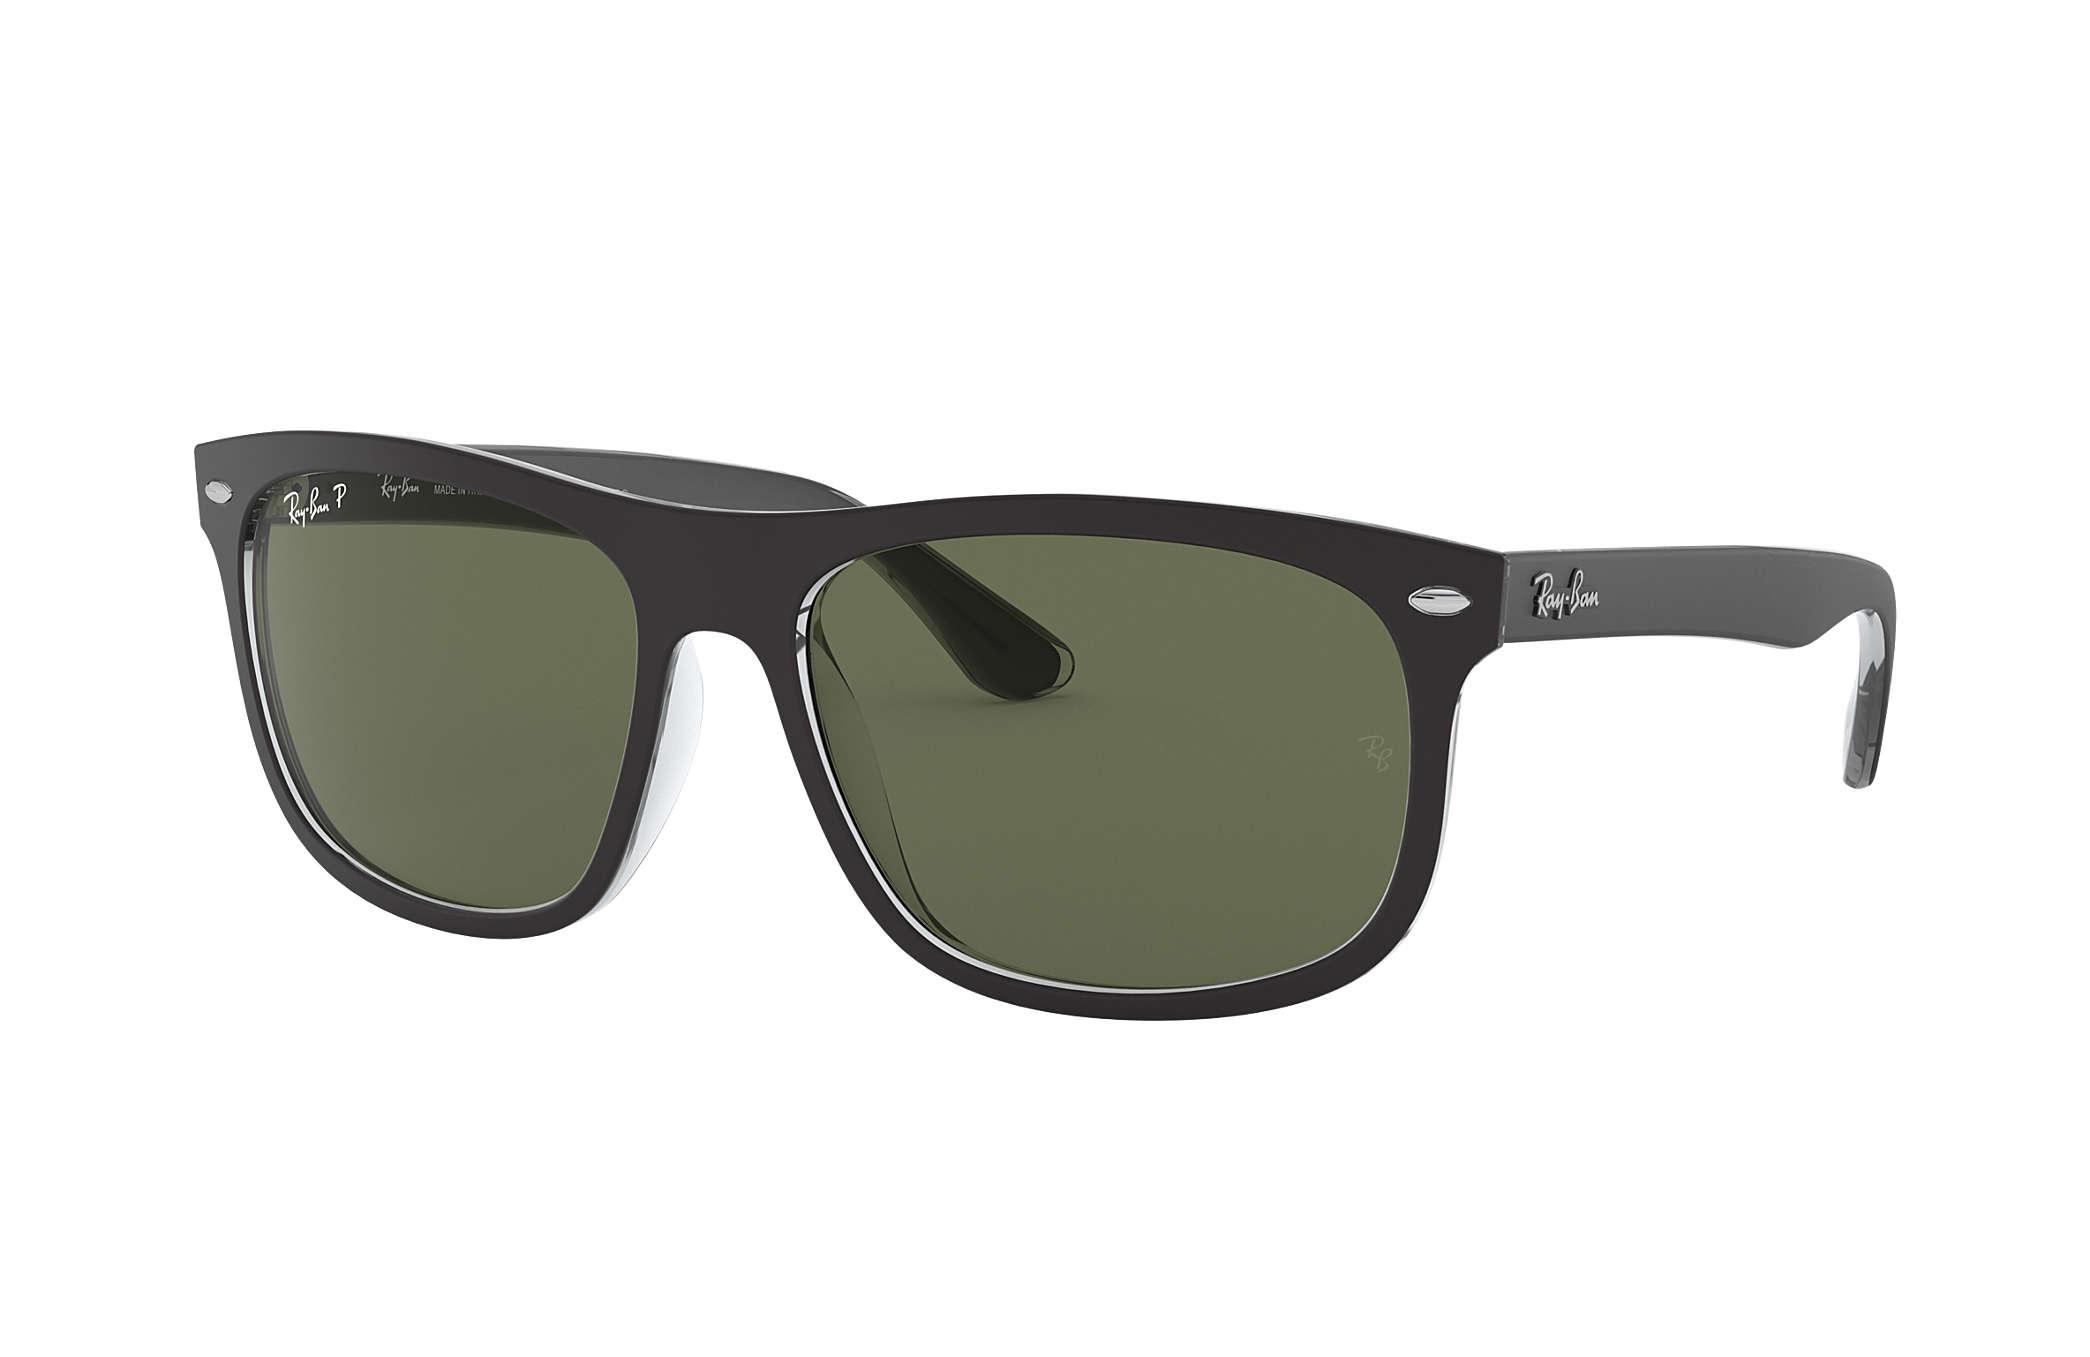 4cbefa9a25aa Prescription Sunglasses Costco Uk